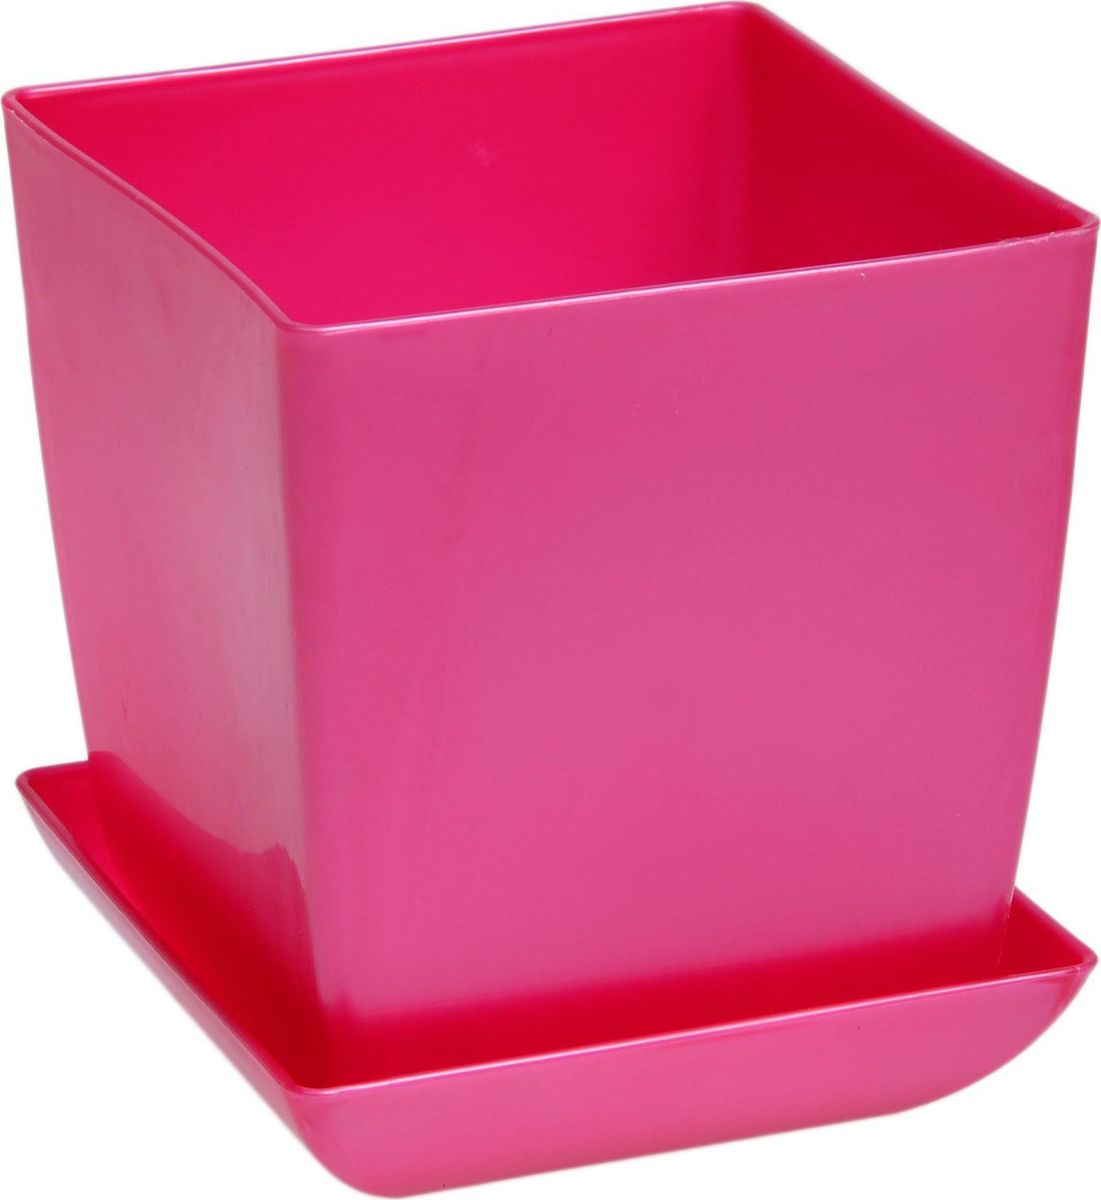 Горшок для цветов Квадрат, с поддоном, цвет: рубиновый, 3,5 л1459538Любой, даже самый современный и продуманный интерьер будет незавершённым без растений. Они не только очищают воздух и насыщают его кислородом, но и украшают окружающее пространство. Такому полезному члену семьи просто необходим красивый и функциональный дом! Мы предлагаем #name#! Оптимальный выбор материала — пластмасса! Почему мы так считаем?Малый вес. С лёгкостью переносите горшки и кашпо с места на место, ставьте их на столики или полки, не беспокоясь о нагрузке. Простота ухода. Кашпо не нуждается в специальных условиях хранения. Его легко чистить — достаточно просто сполоснуть тёплой водой. Никаких потёртостей. Такие кашпо не царапают и не загрязняют поверхности, на которых стоят. Пластик дольше хранит влагу, а значит, растение реже нуждается в поливе. Пластмасса не пропускает воздух — корневой системе растения не грозят резкие перепады температур. Огромный выбор форм, декора и расцветок — вы без труда найдёте что-то, что идеально впишется в уже существующий интерьер. Соблюдая нехитрые правила ухода, вы можете заметно продлить срок службы горшков и кашпо из пластика:всегда учитывайте размер кроны и корневой системы (при разрастании большое растение способно повредить маленький горшок)берегите изделие от воздействия прямых солнечных лучей, чтобы горшки не выцветалидержите кашпо из пластика подальше от нагревающихся поверхностей. Создавайте прекрасные цветочные композиции, выращивайте рассаду или необычные растения.